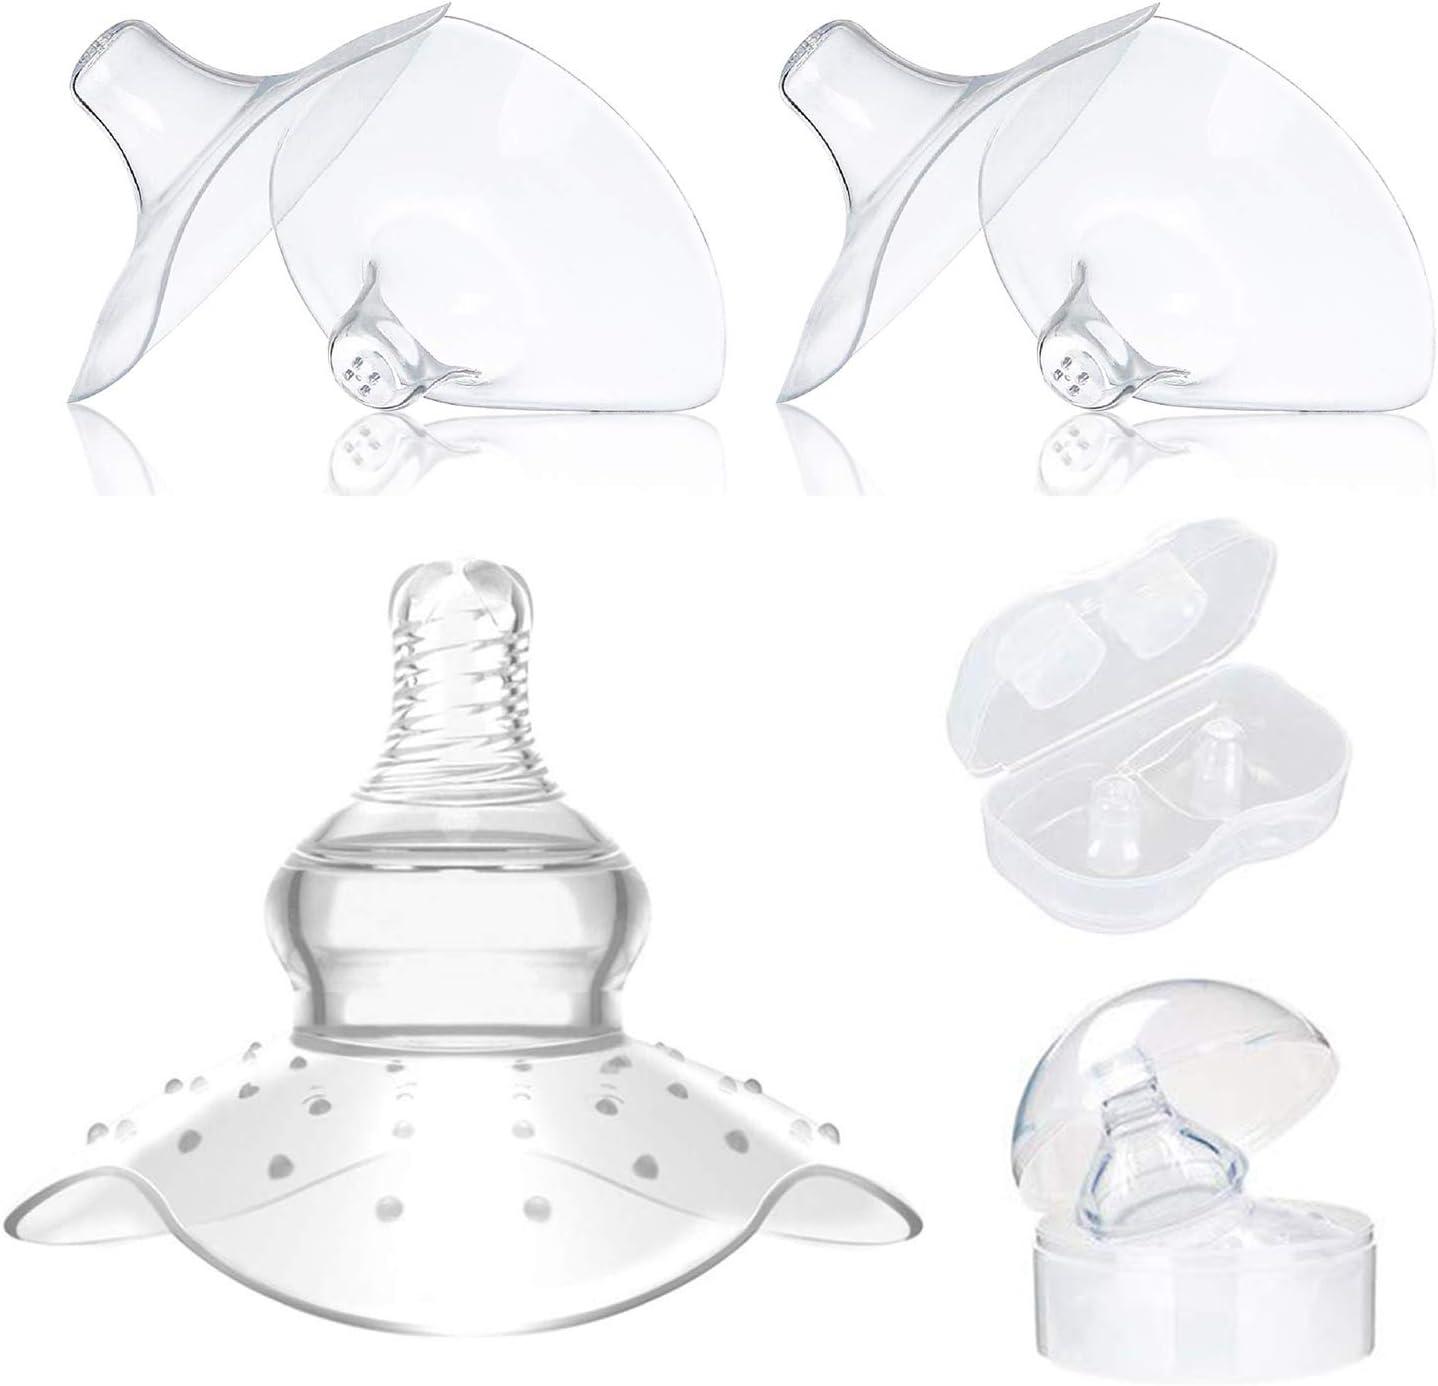 Chapeau d/'allaitement Coquille d/'Allaitement Coquillage allaitement,5 pack Prot/ège Mamelon avec Boite de rangement Prot/ège Mamelons Bouts de Seins en Silicone